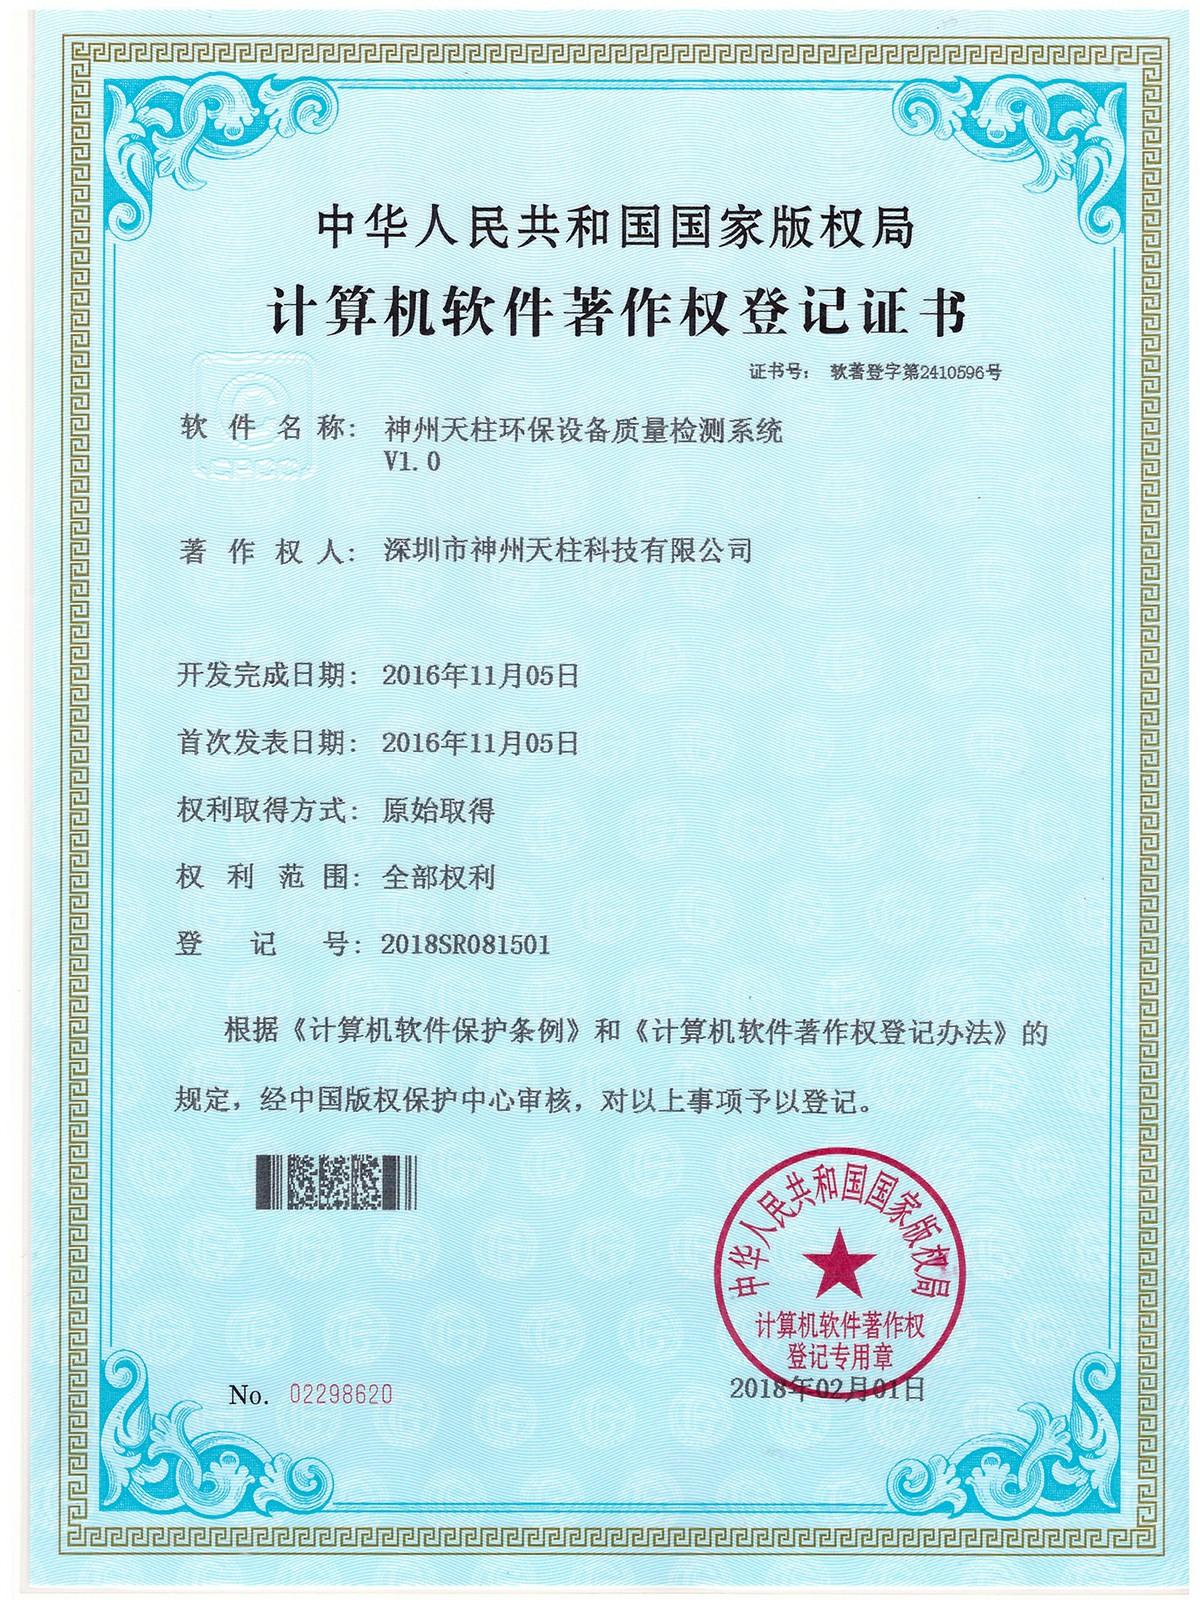 环保设备质量检测系统计算机软件著作权登记证书